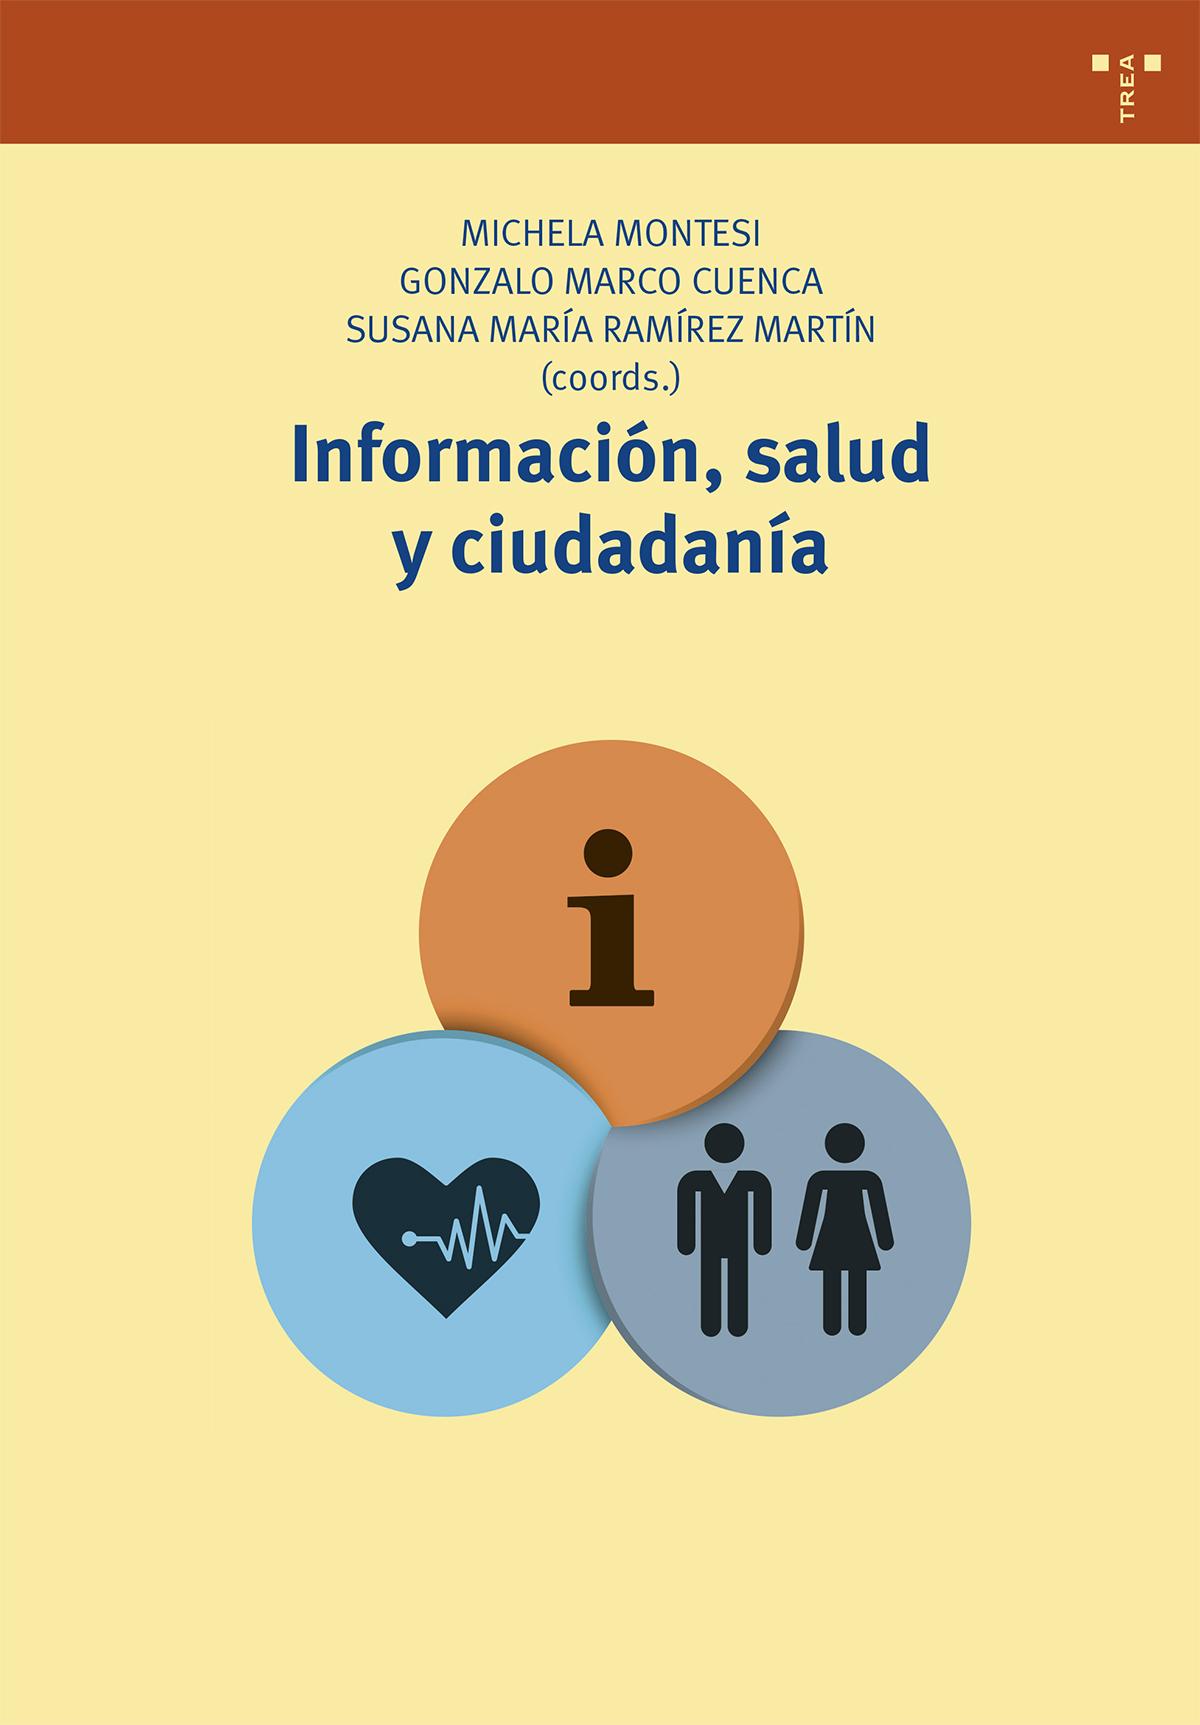 INFORMACION SALUD Y CIUDADANIA